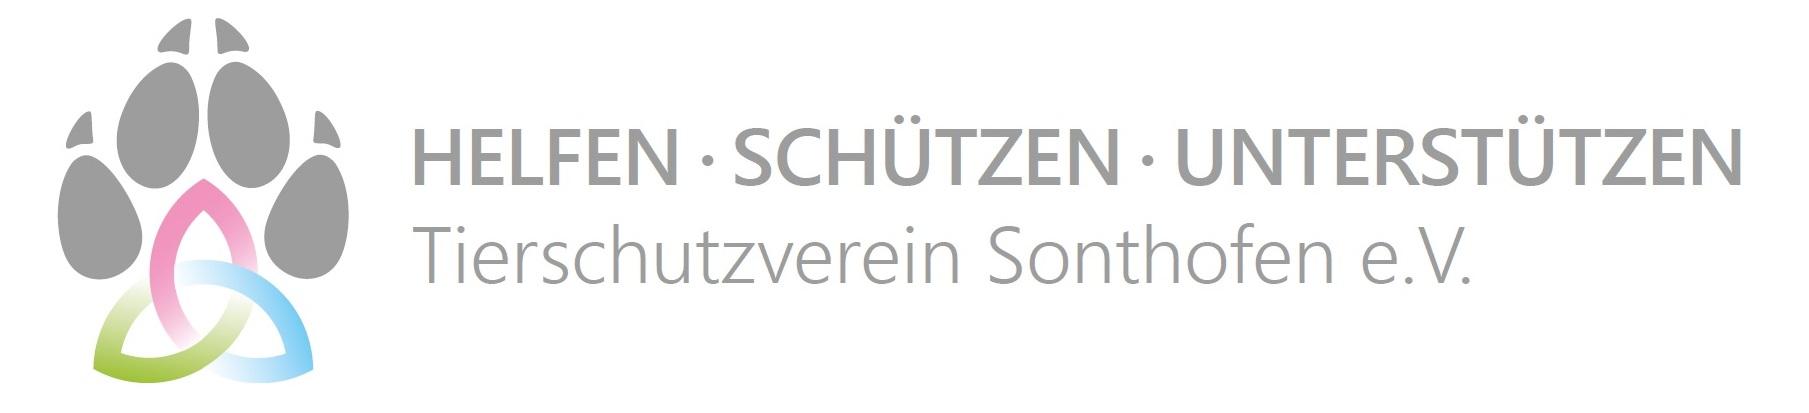 Tierschutzverein-Sonthofen e.V.